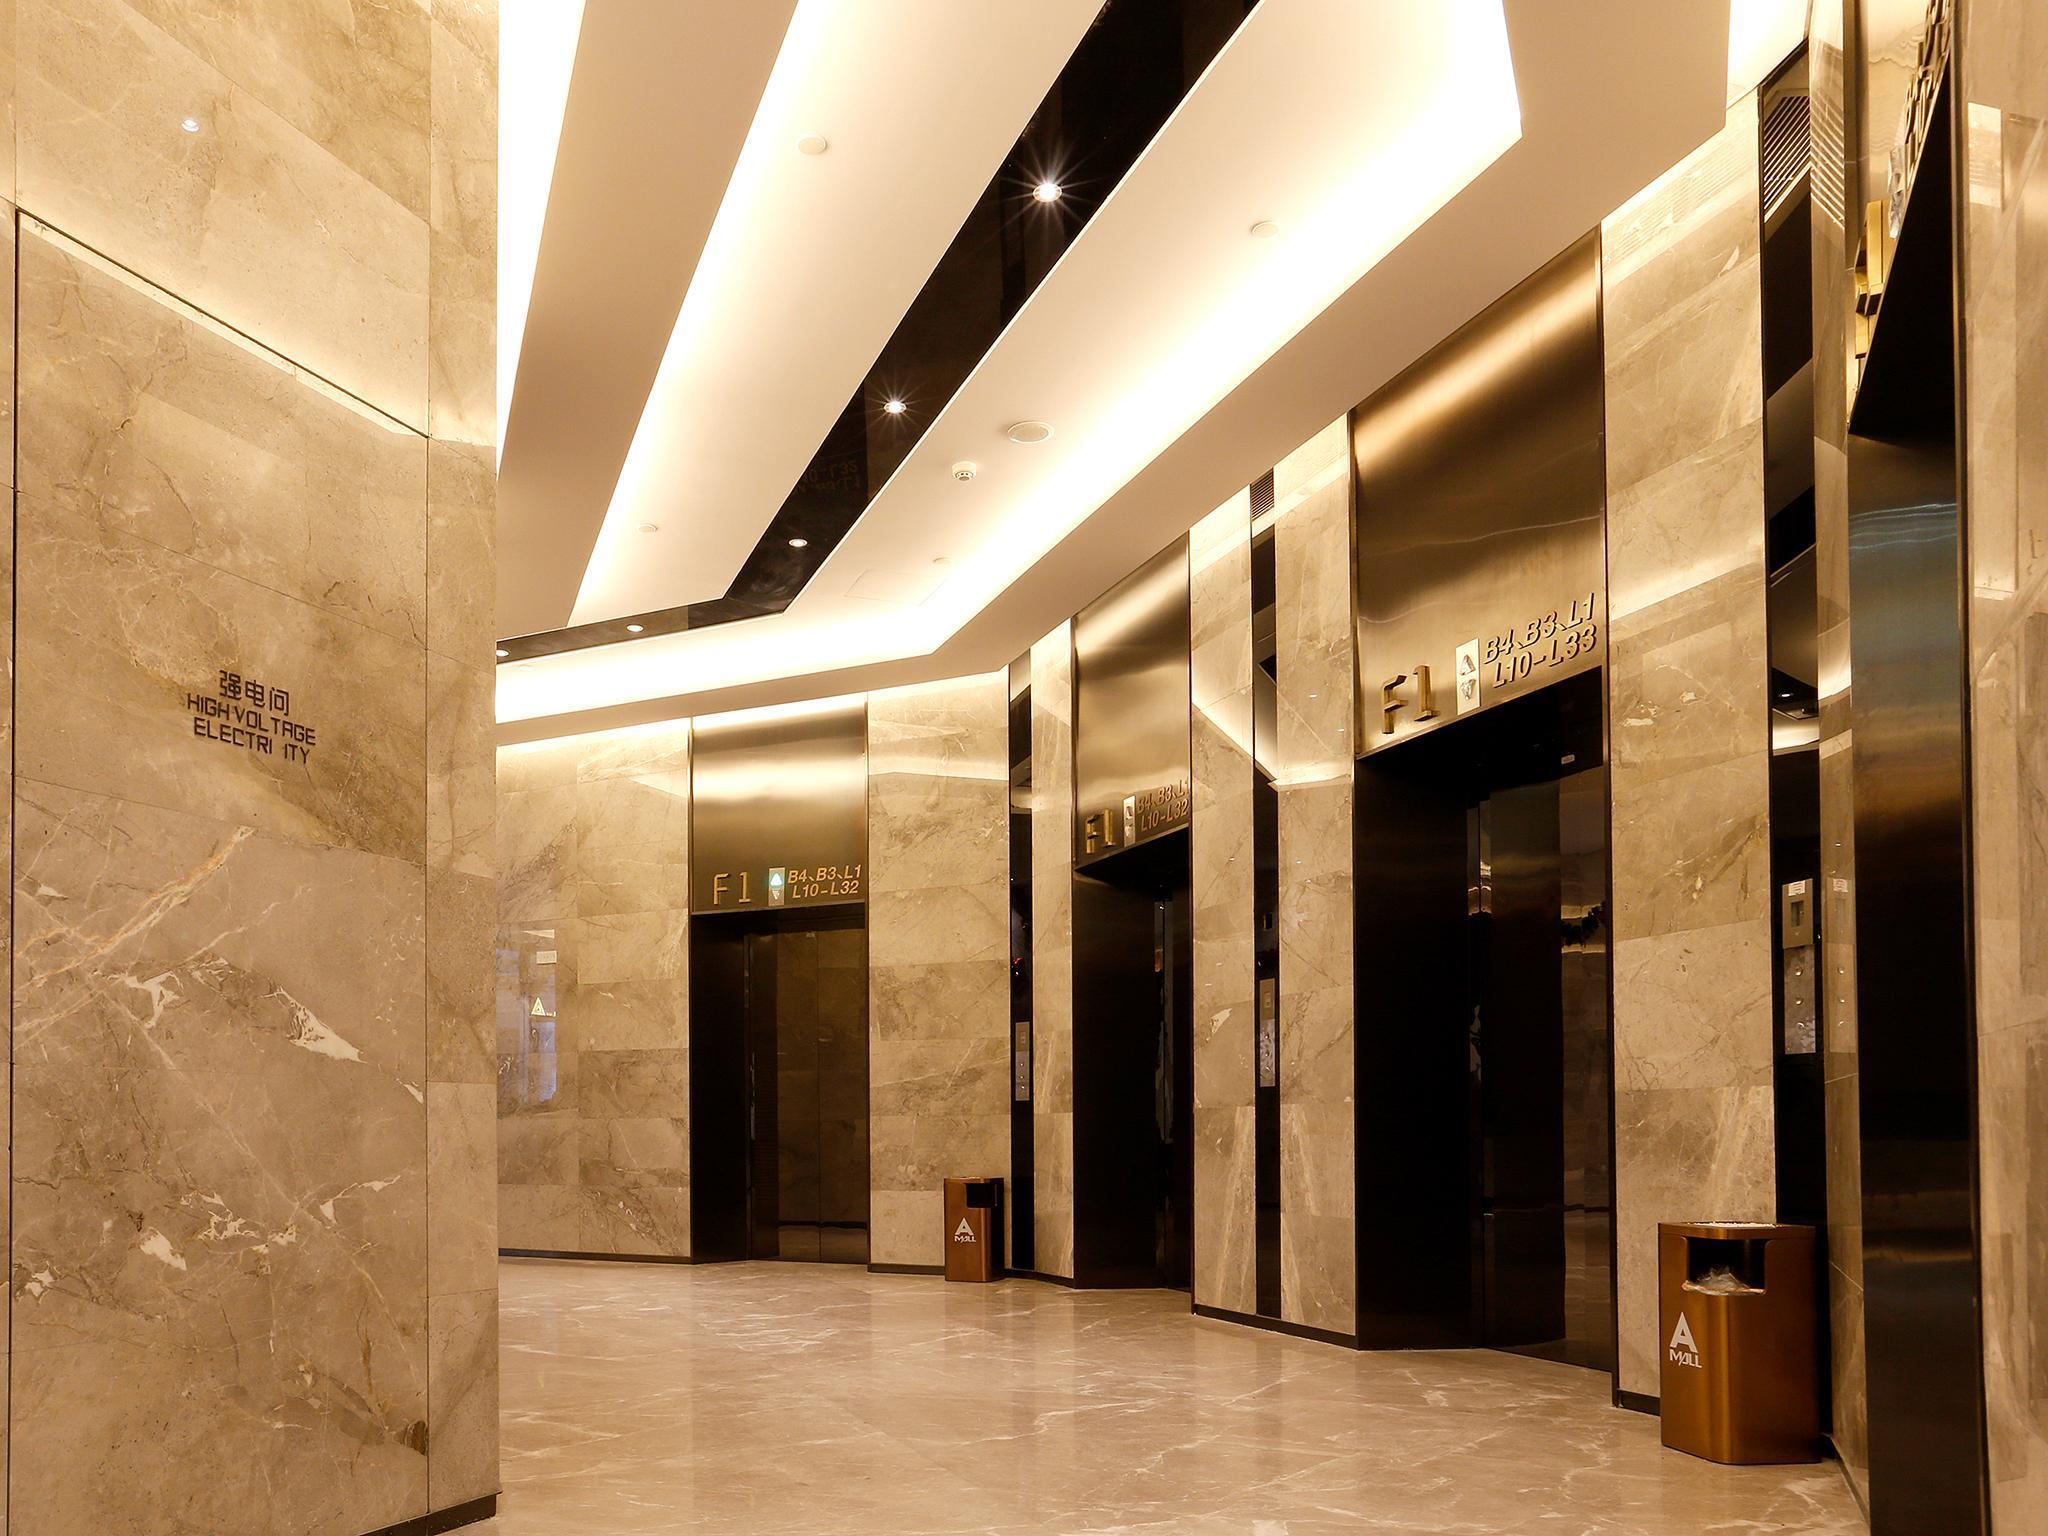 Pengman Beijing Rd. A-mall Apartment, Guangzhou